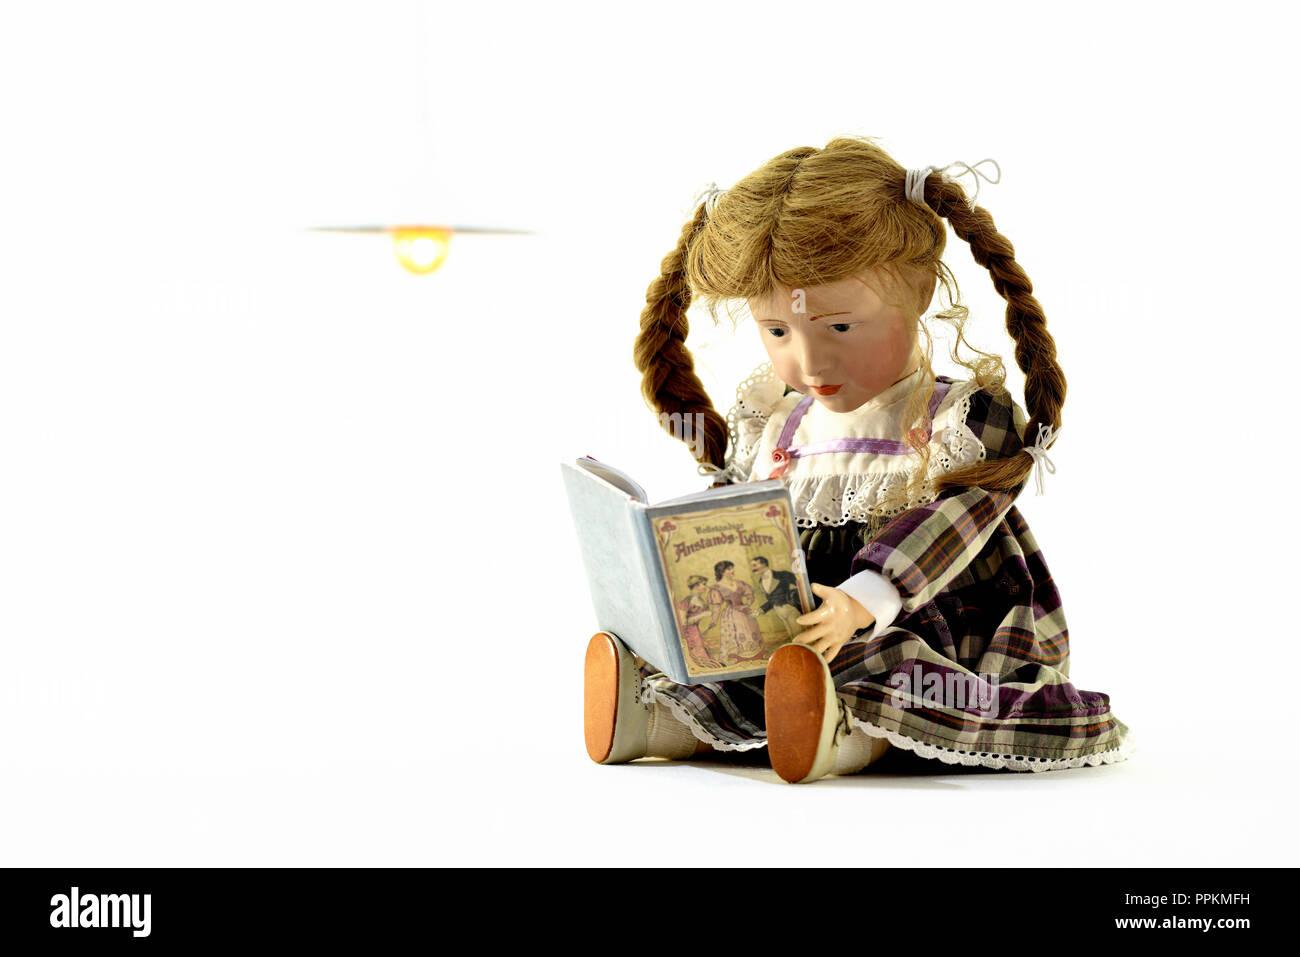 Puppe Elise (Kopf 109 von Kaemmer & Reinhardt, Jahr 1909) liest ein Buch ueber Anstands-Lehre (Puppe Elise sitzt und liest ein Buch über Anstand) Stockfoto